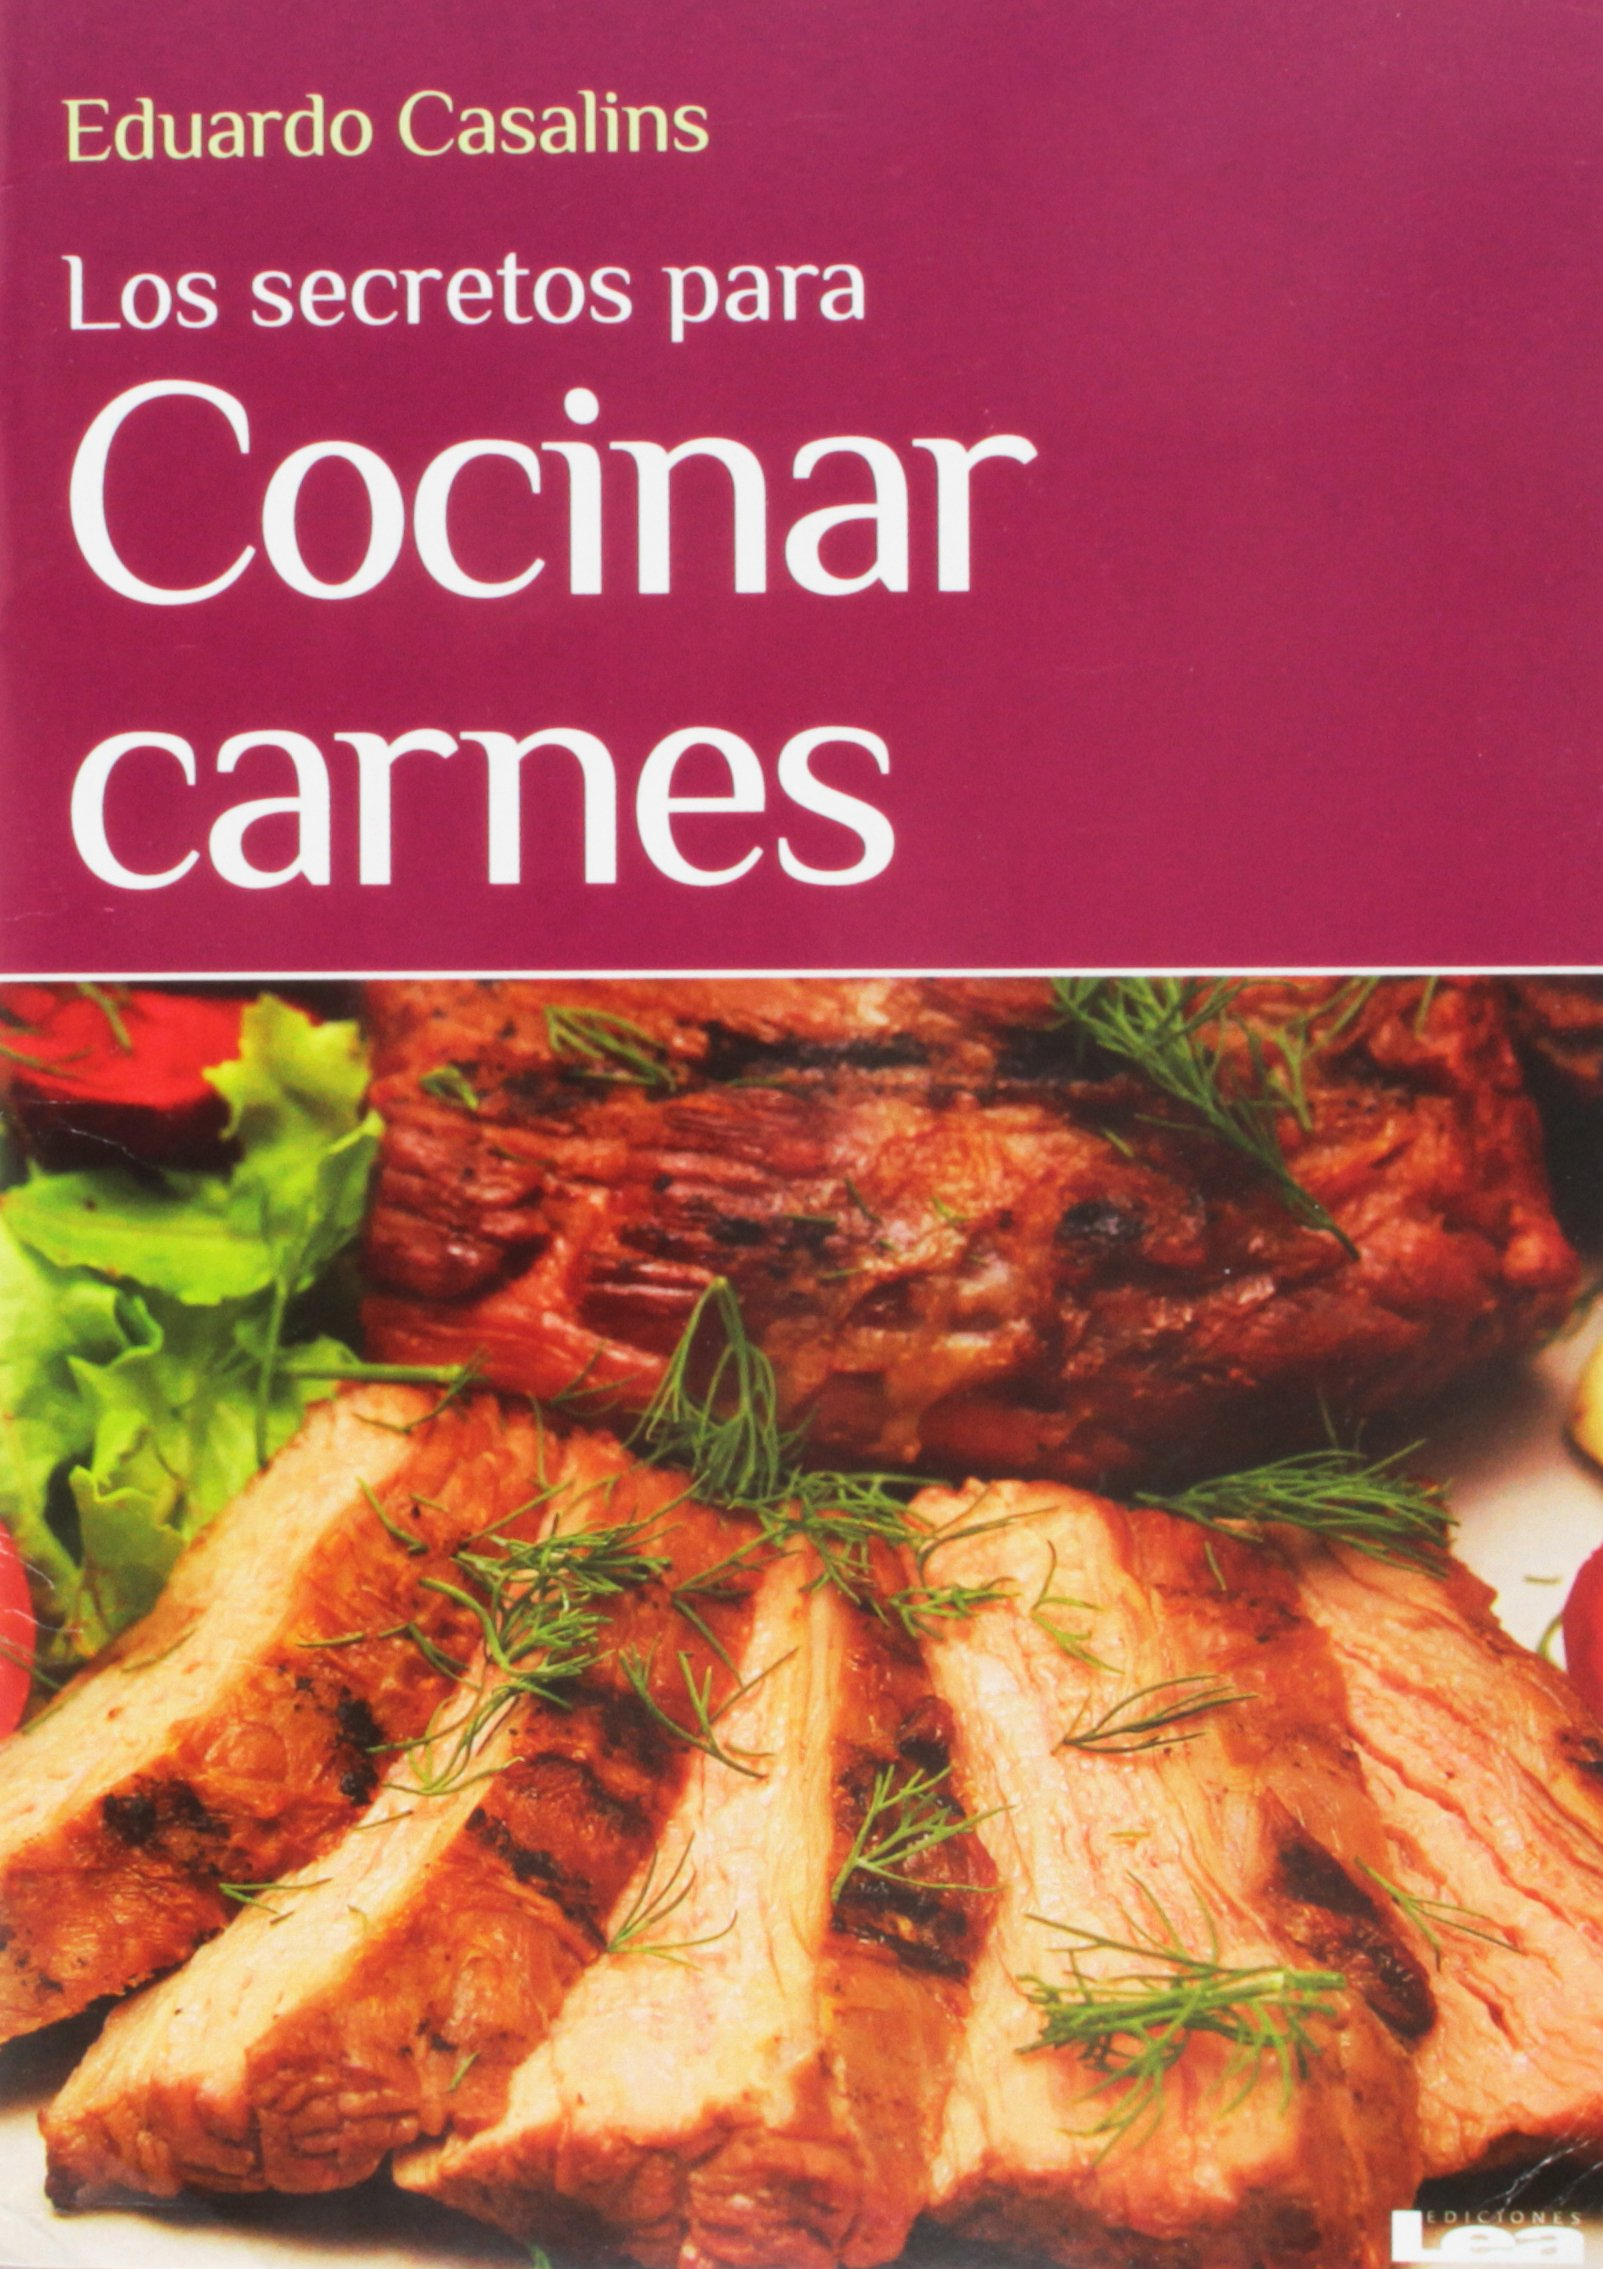 Los Secretos Para Cocinar Carnes: Amazon.es: Eduardo ...